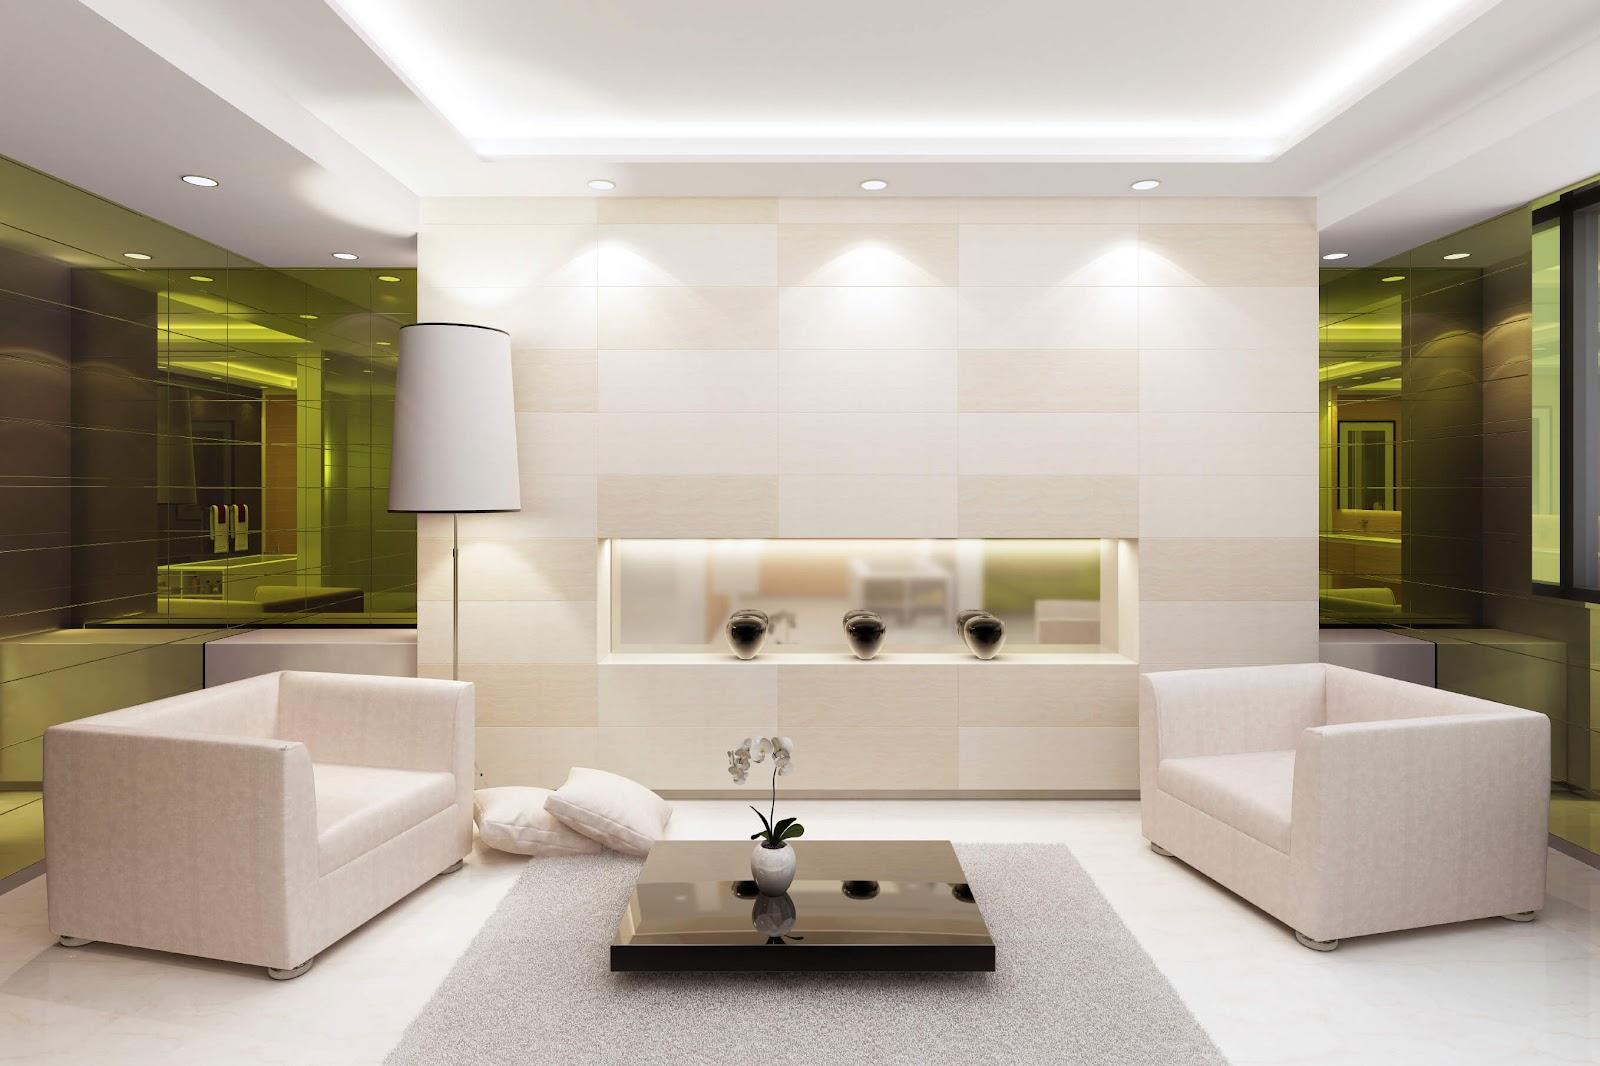 Inspirasi penggunaan dua jenis lampu aksen, yaitu lampu sorot dan cove lighting - source: homestratosphere.com